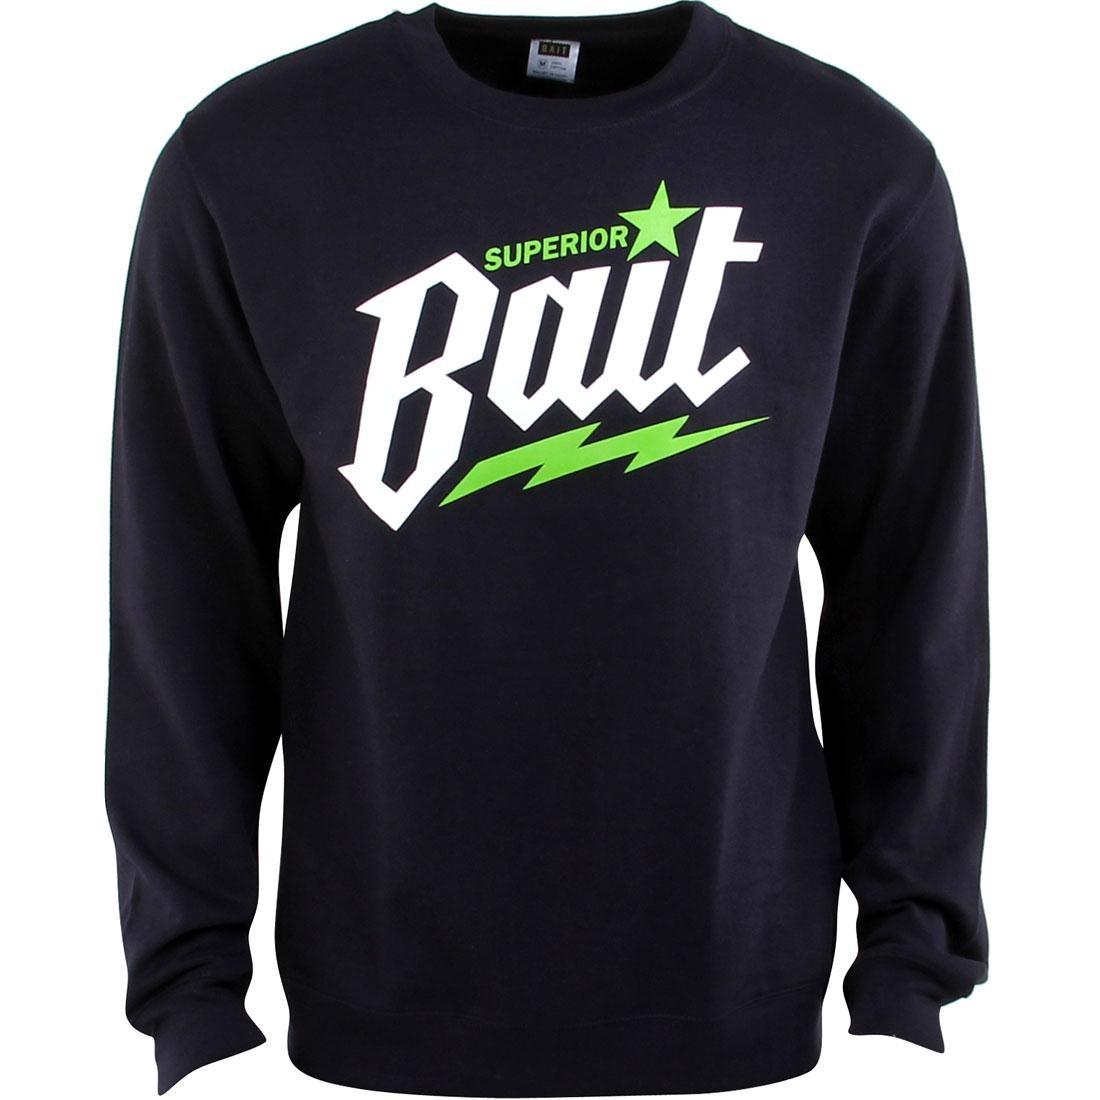 【海外限定】白 ホワイト トップス Tシャツ 【 WHITE BAIT SUPERIOR CREWNECK NAVY GREEN 】